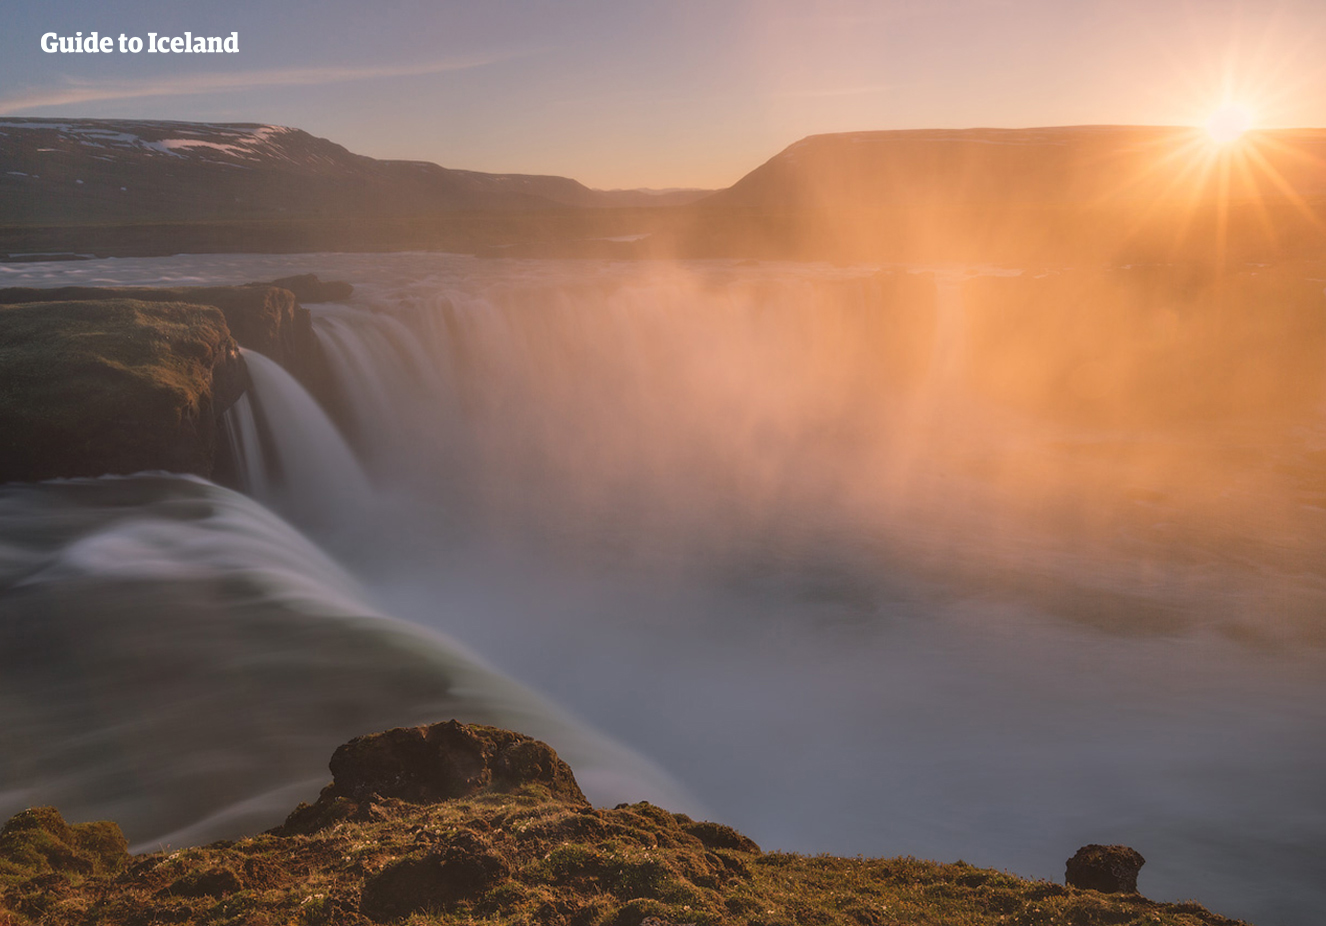 La fascinante cascada del norte de Islandia, Goðafoss, es donde los islandeses se convirtieron oficialmente al cristianismo en el año 1000 DC.